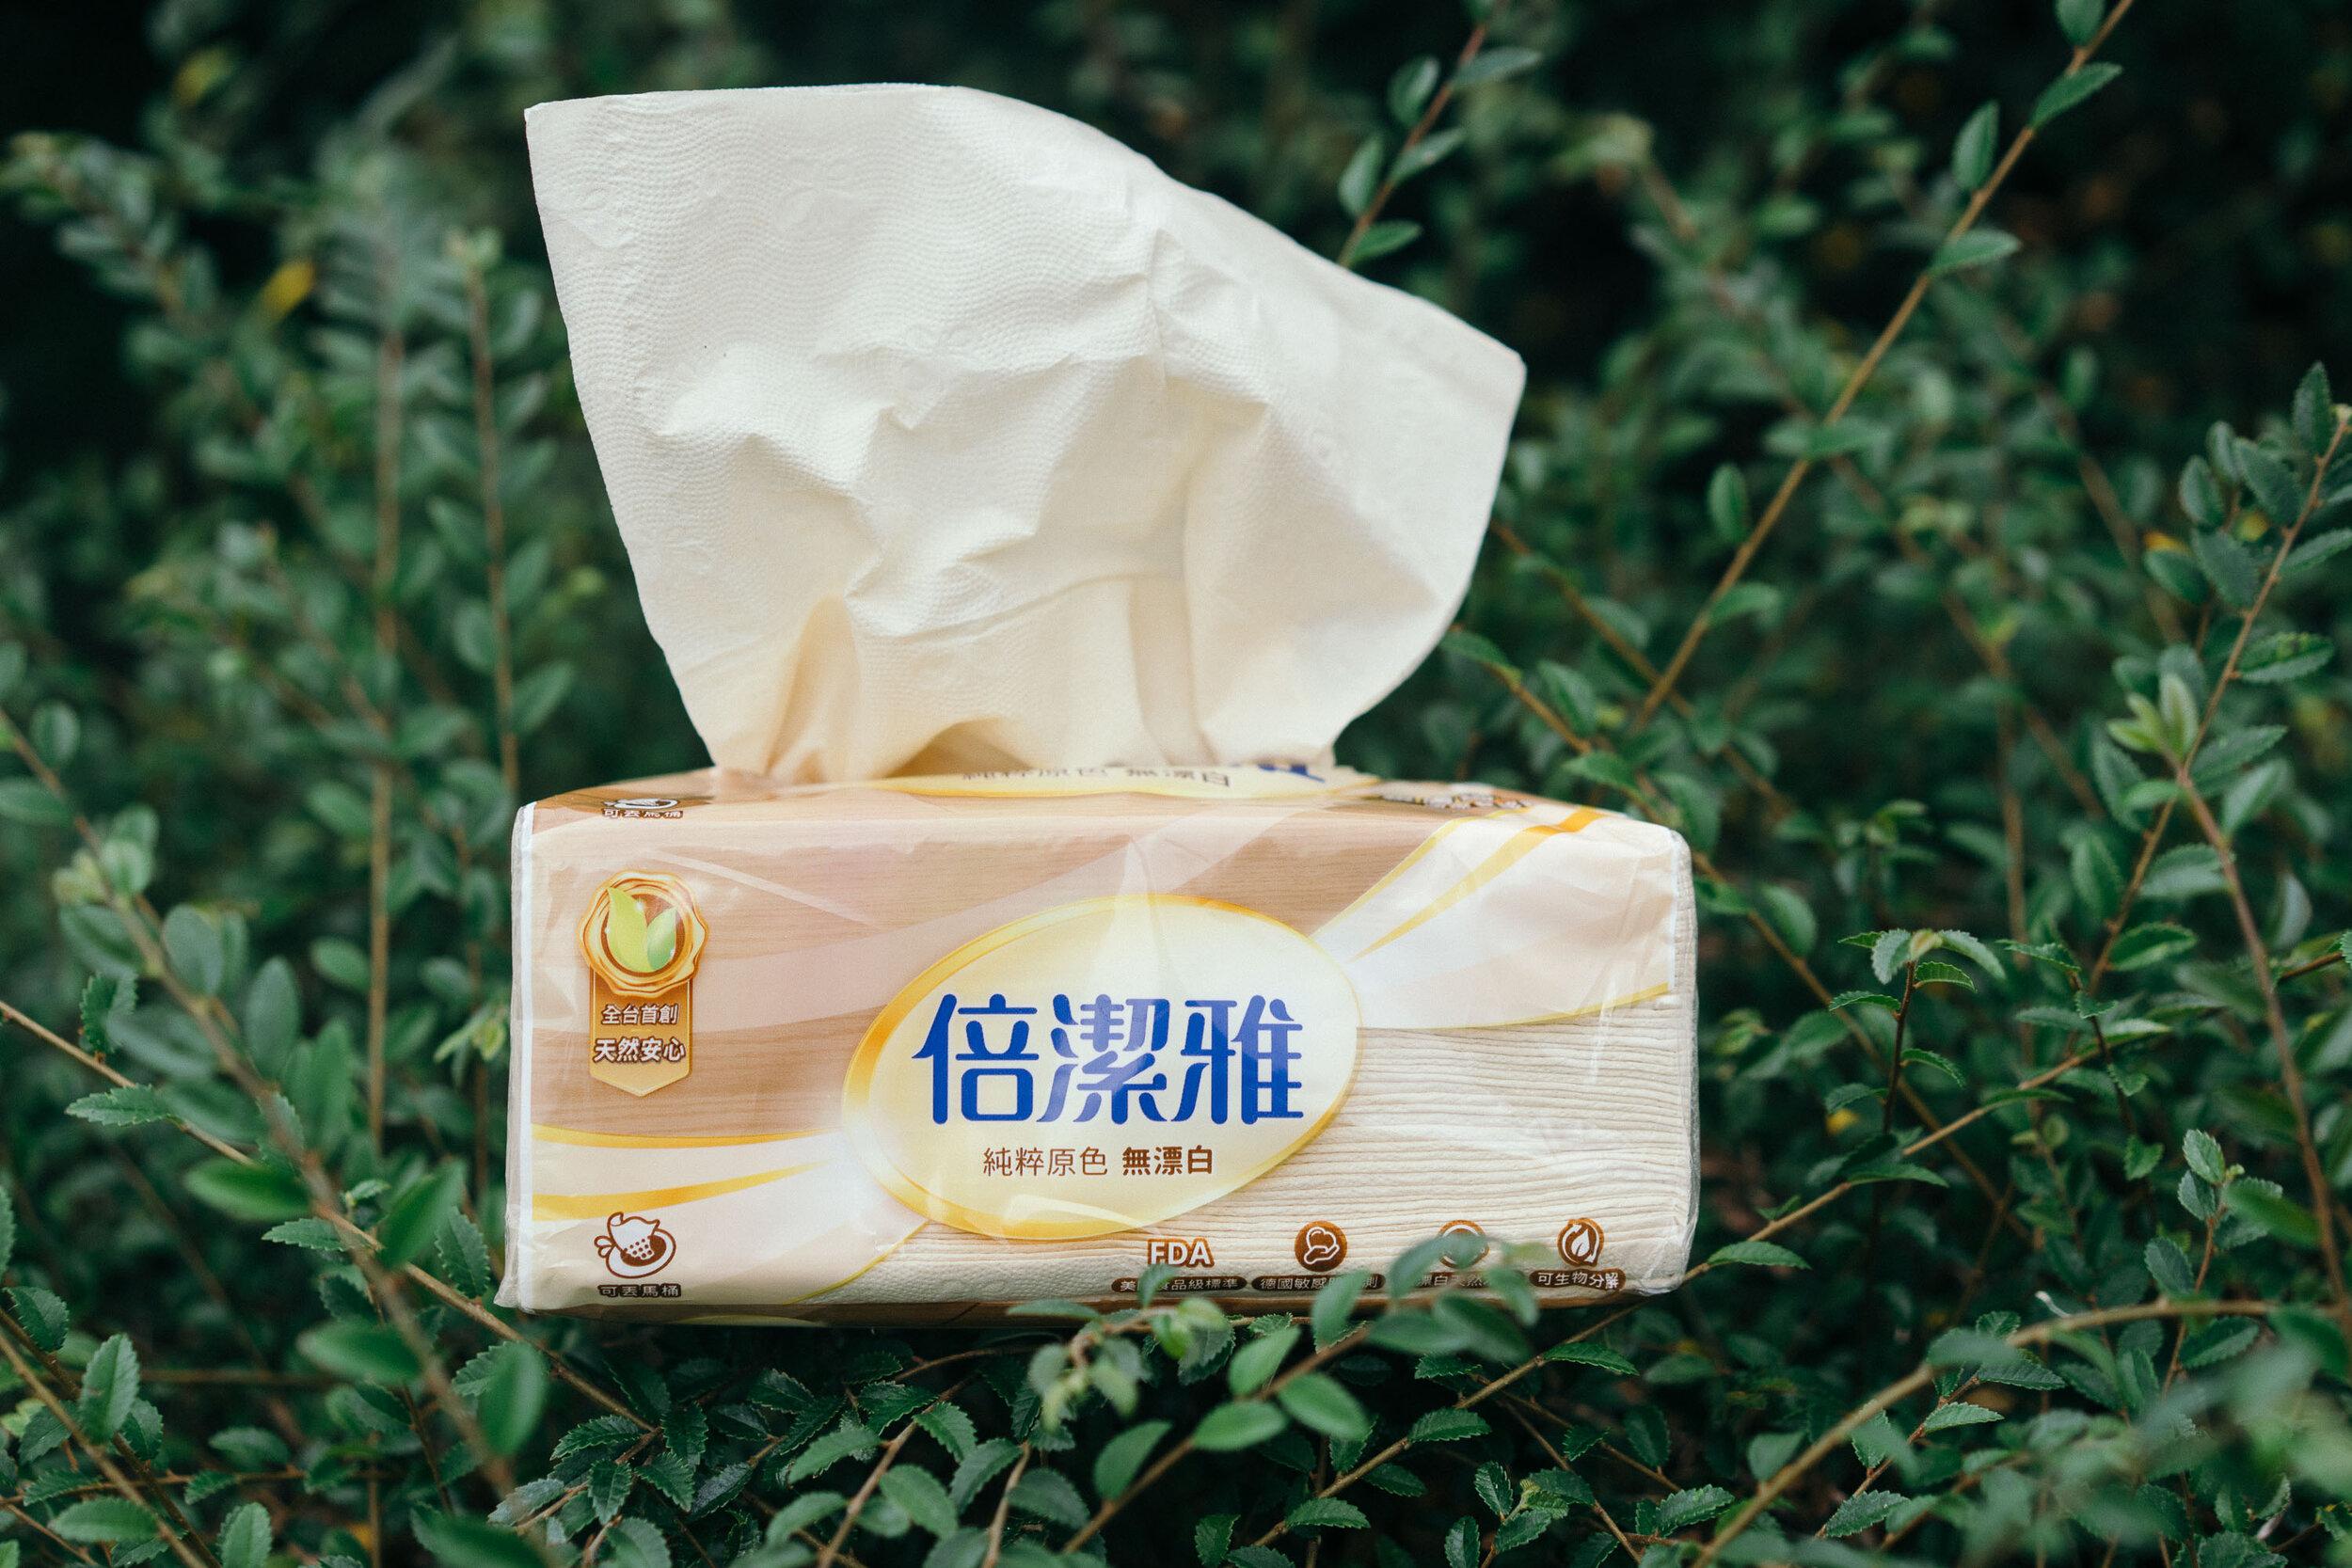 倍潔雅的無漂白衛生紙,除了是台灣第一個通過PEFC全球最大環保林木驗證的衛生紙,保護天然林,創造生態永續平衡的狀態。因為不經漂白,製程更環保,縮短了製漿過程,相對消耗了較少的能源,對環境更加友善。